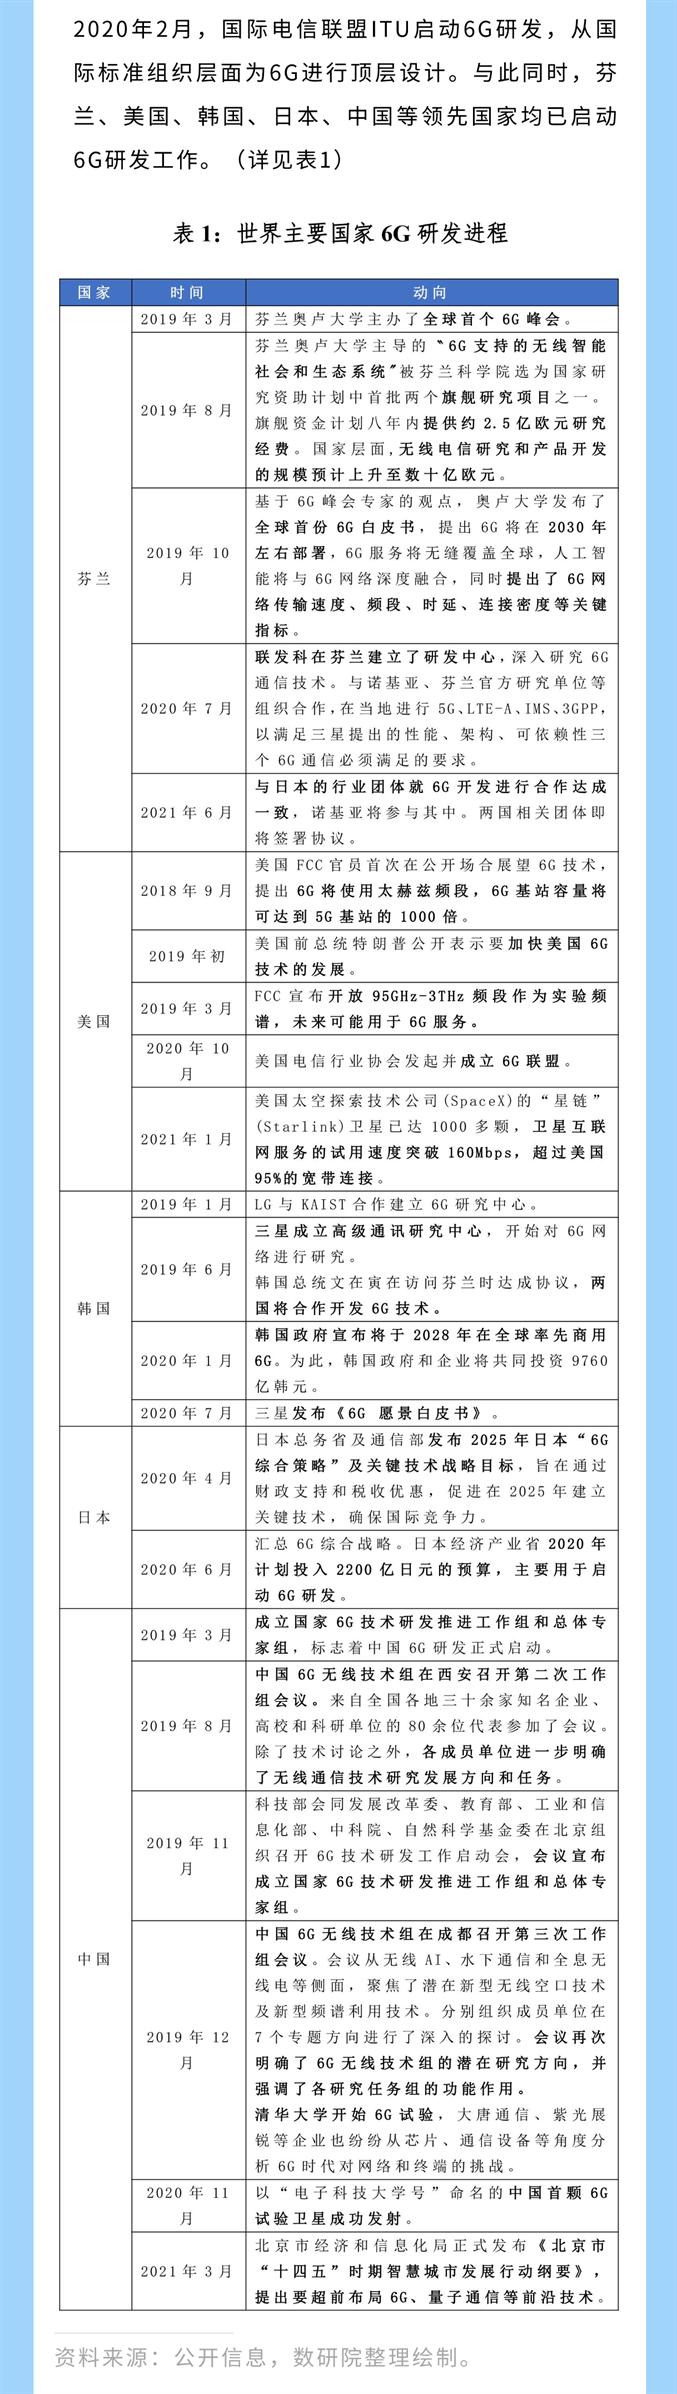 06_自定义px_2021-07-19-0.png